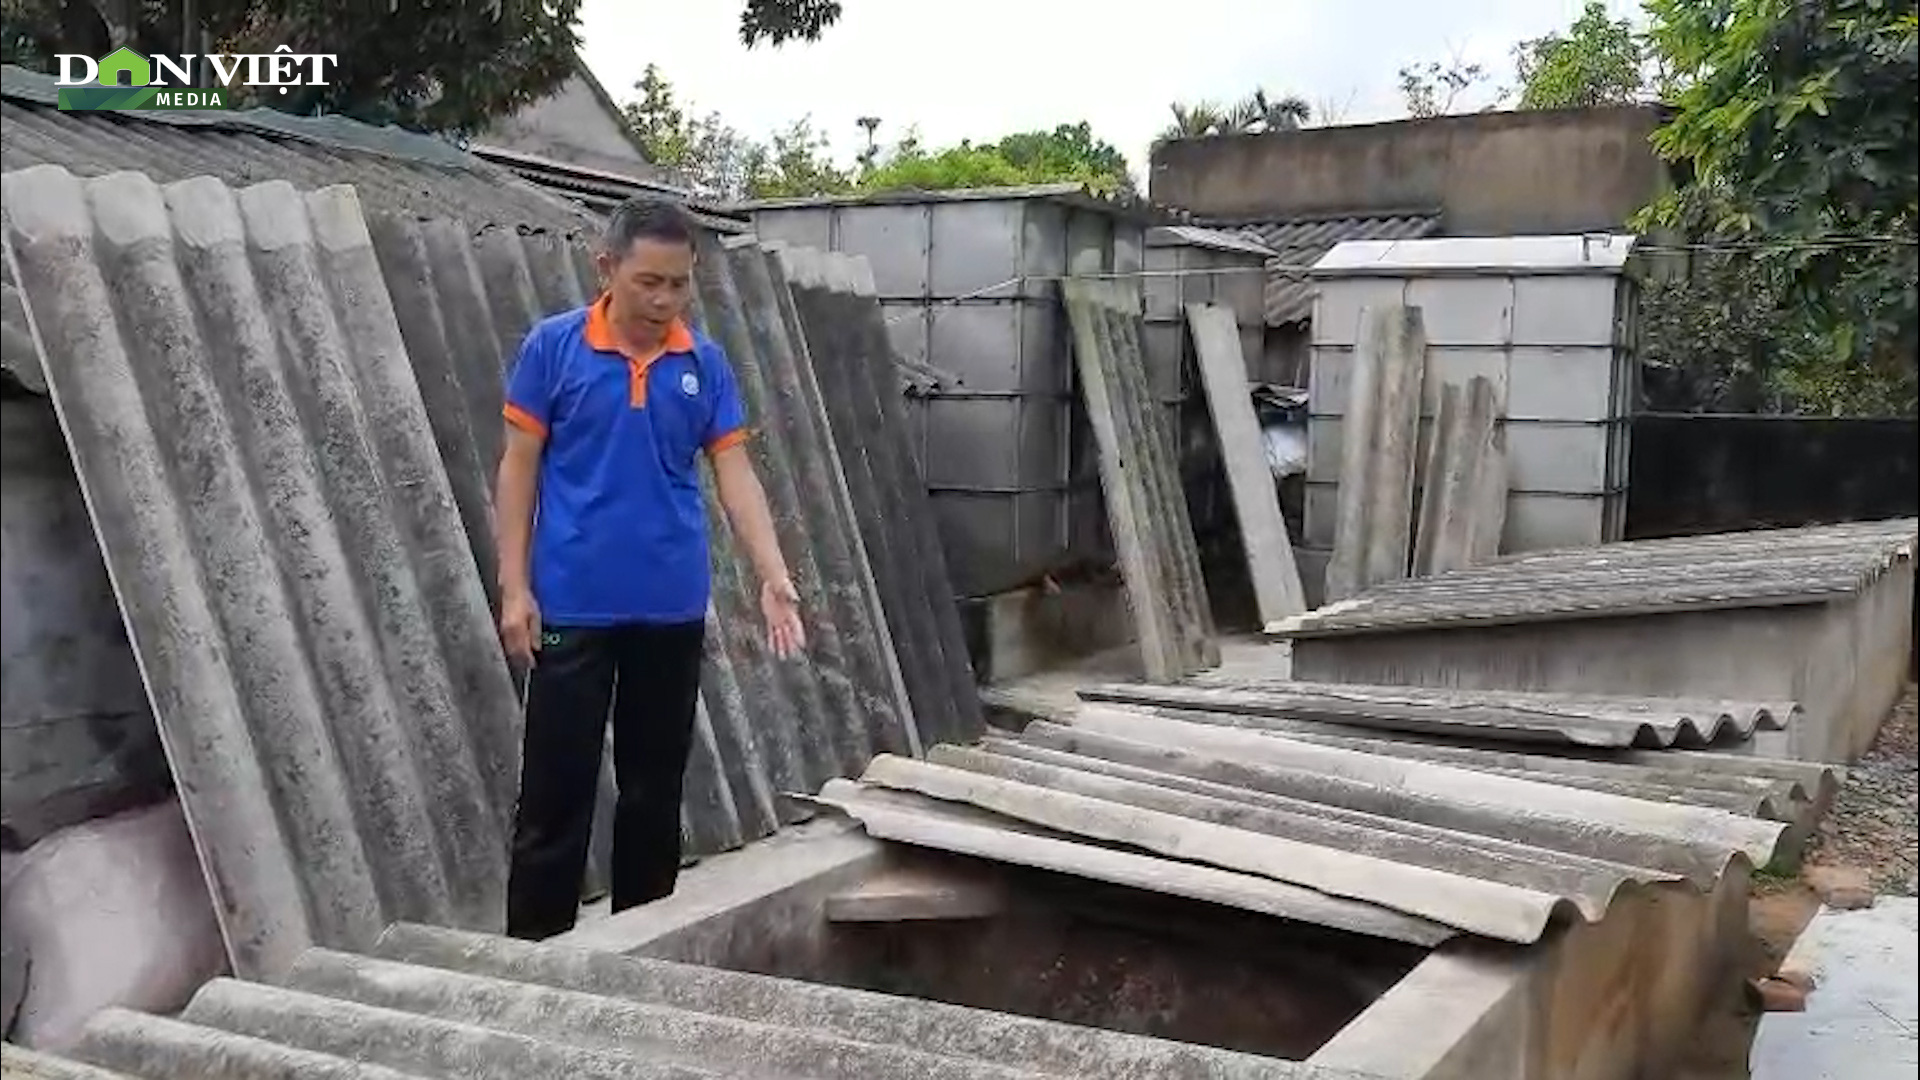 Quảng Trị: Dân kêu than vì phải sống bên hàng trăm tấn hải sản hôi thối suốt 5 năm - Ảnh 2.